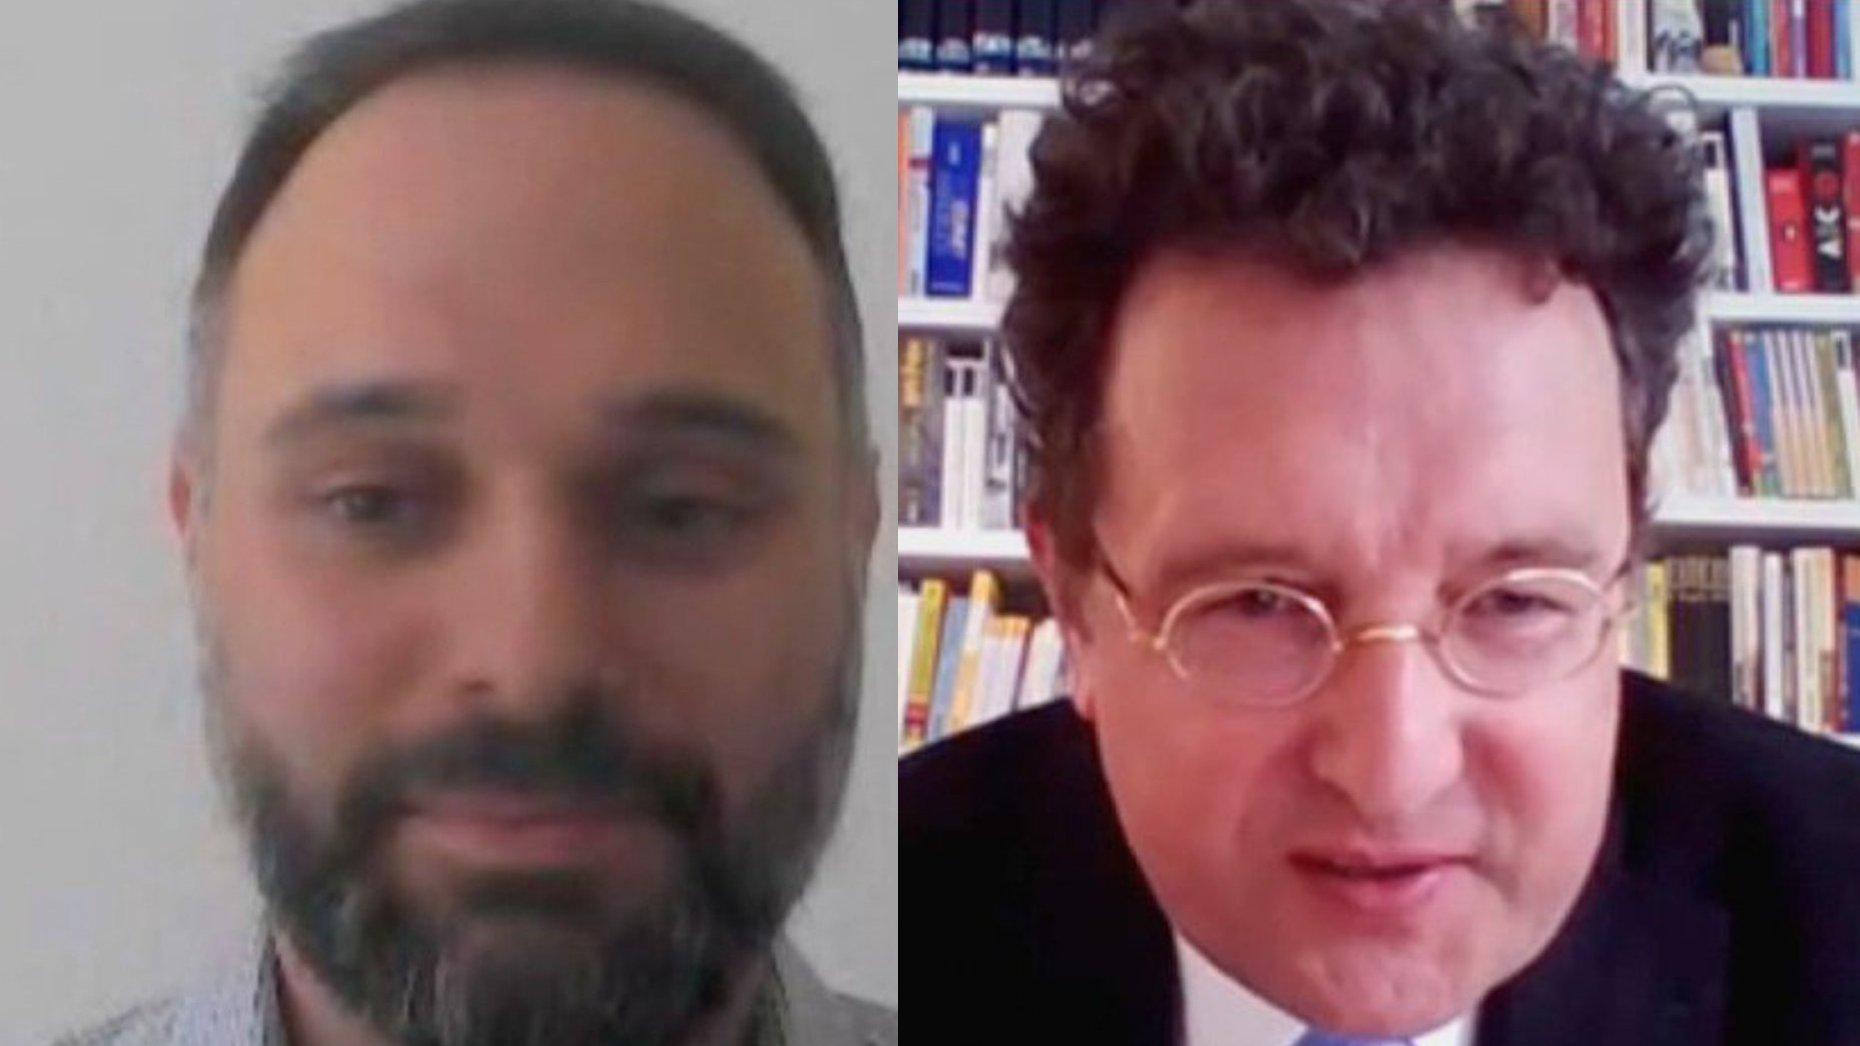 Freispruch für Jan Böhmermann - Ja oder Nein? Skype-Diskussion